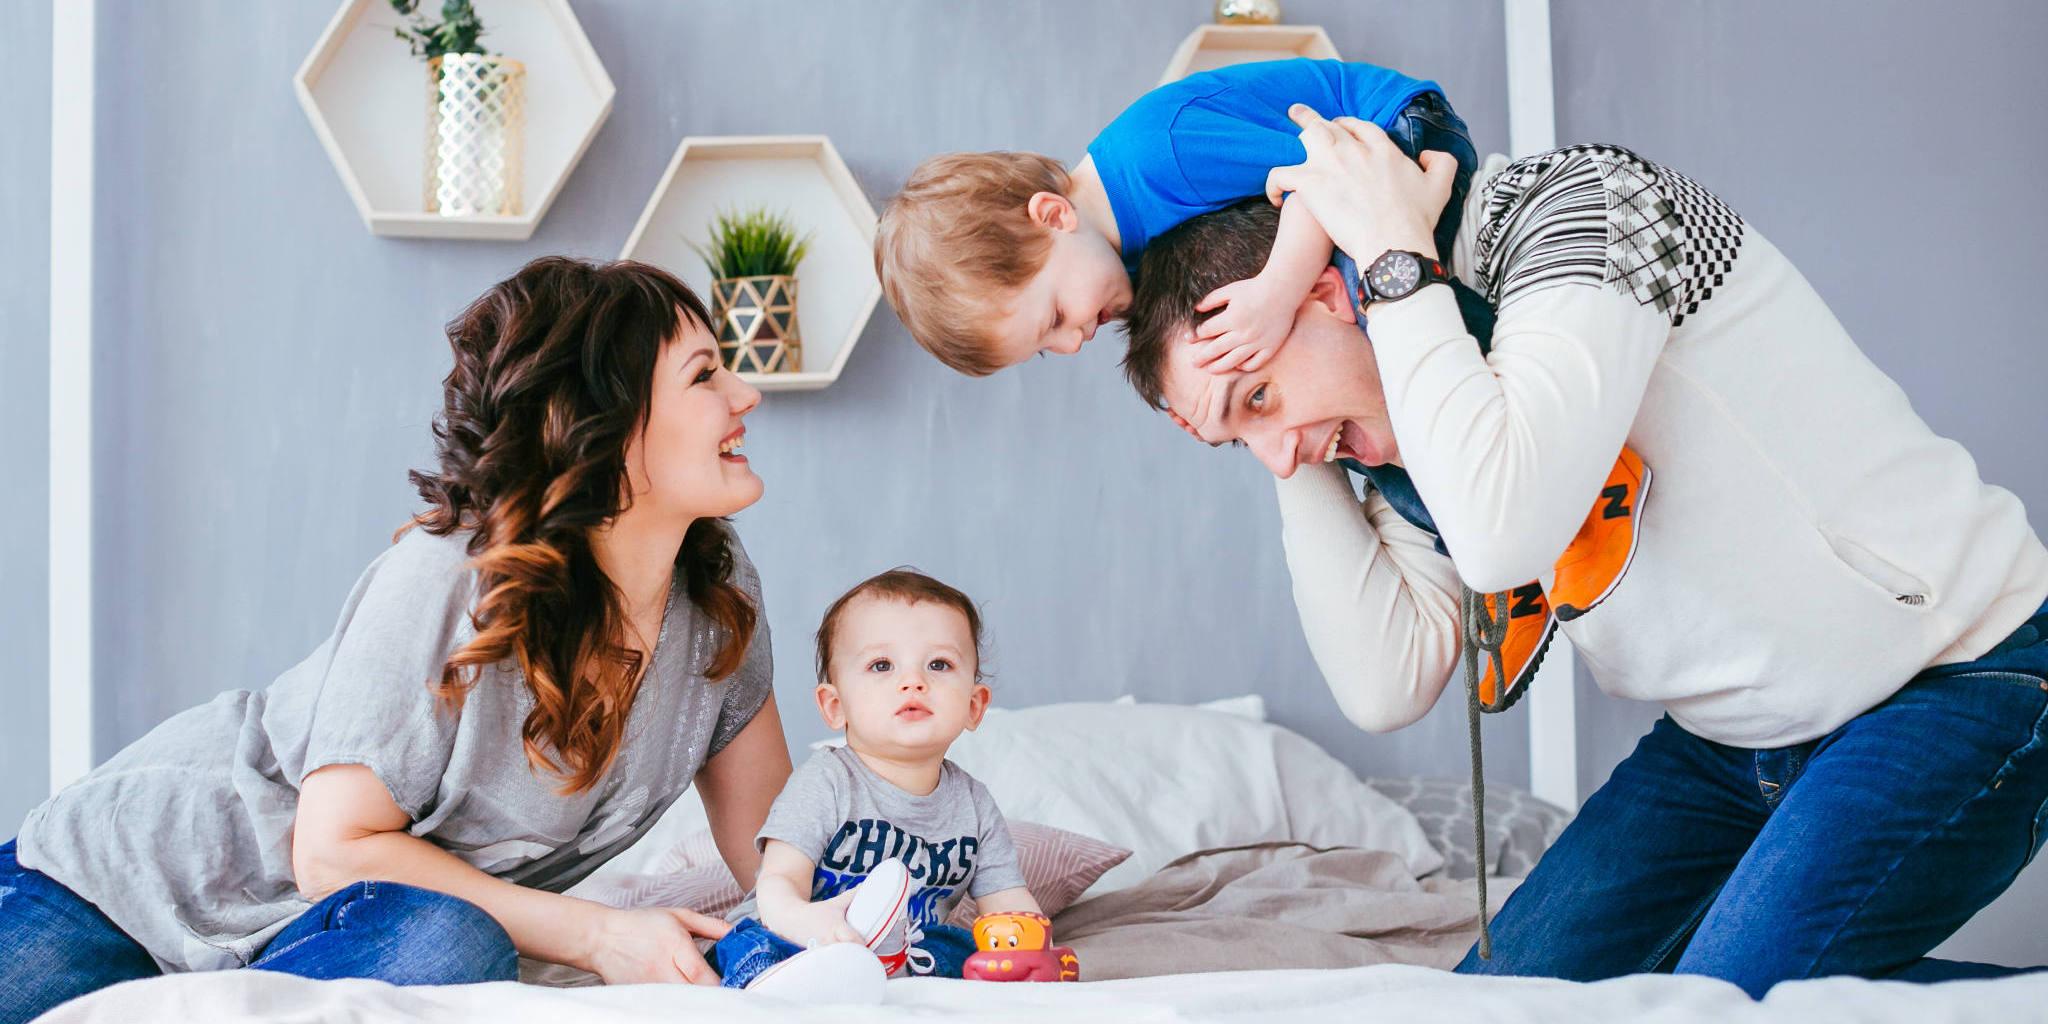 Giochi fra genitori e figli